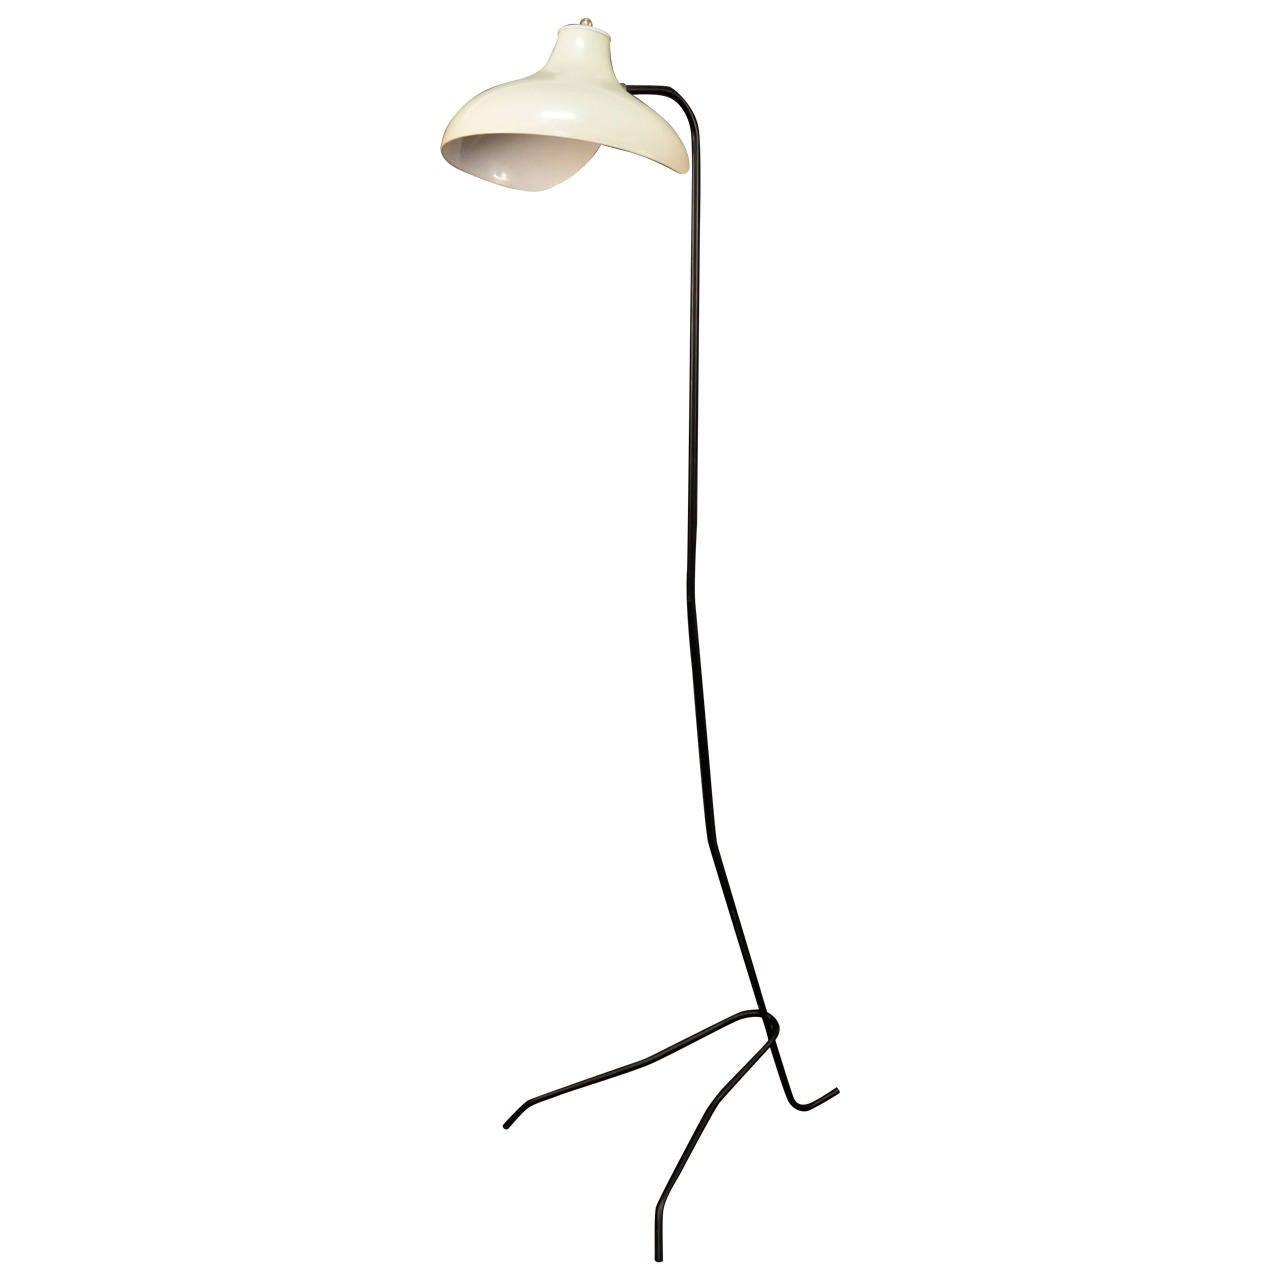 1950s stilnovo floor lamp at 1stdibs for 1950s floor lamps